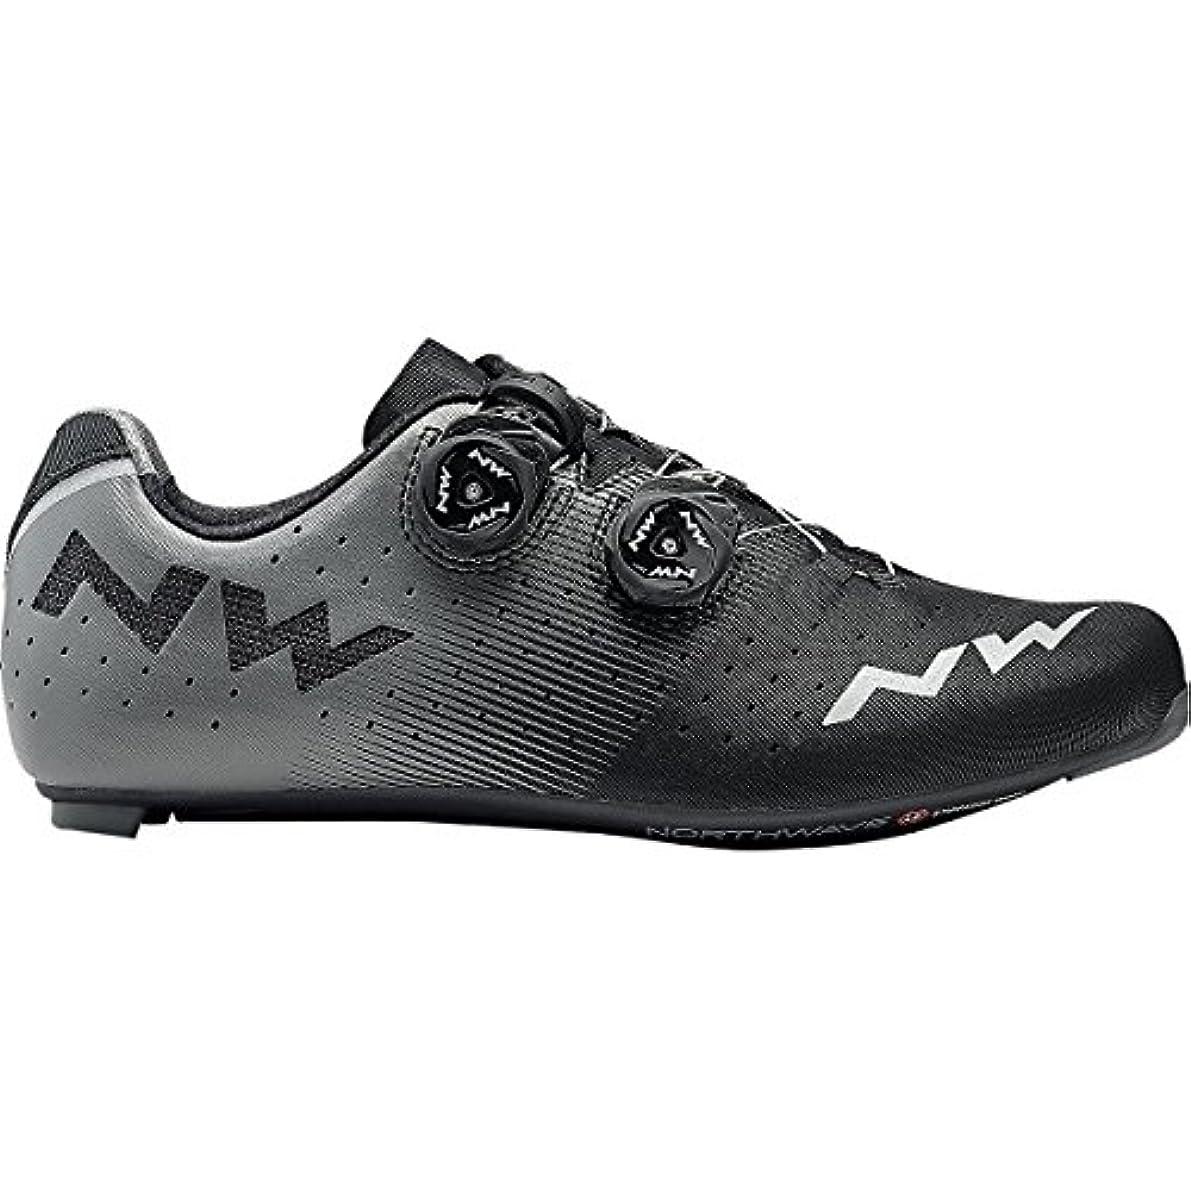 座標よろめく活性化ノースウェーブRevolution Cycling Shoe – Men 's Black / Anthracite、41.5